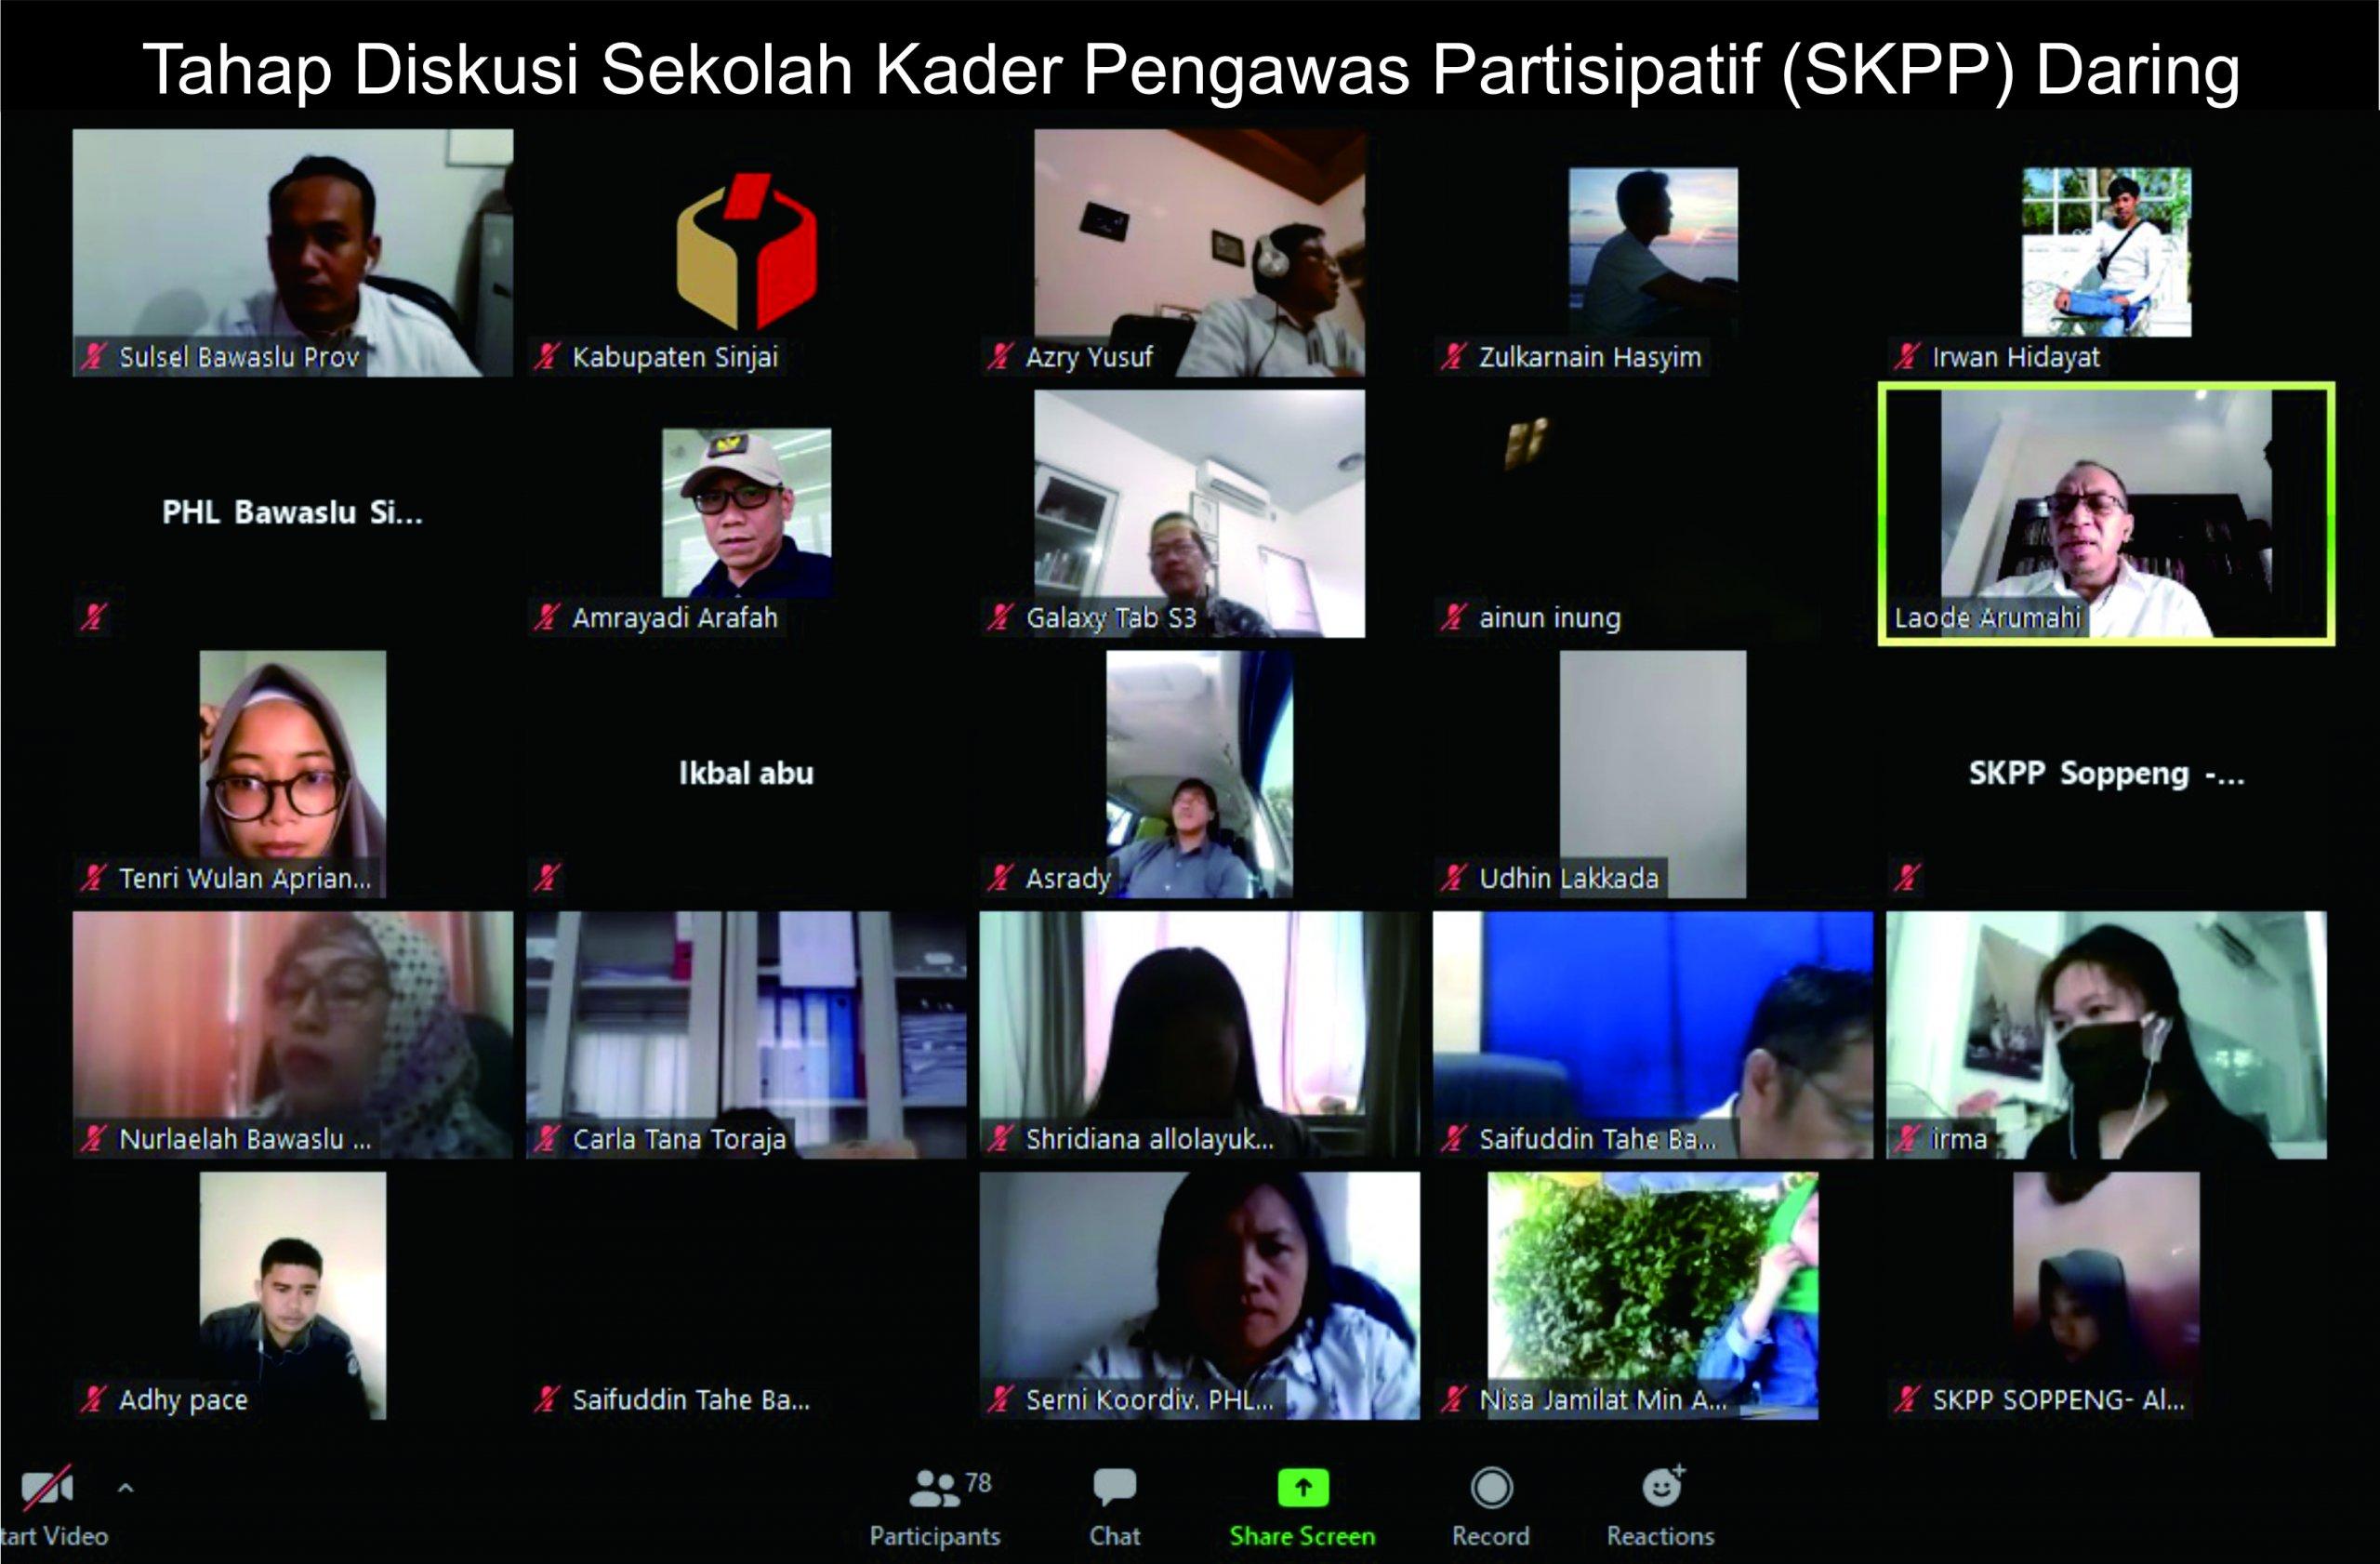 Tahap Diskusi SKPP Daring, Satu Langkah Menuju Kader Pengawas